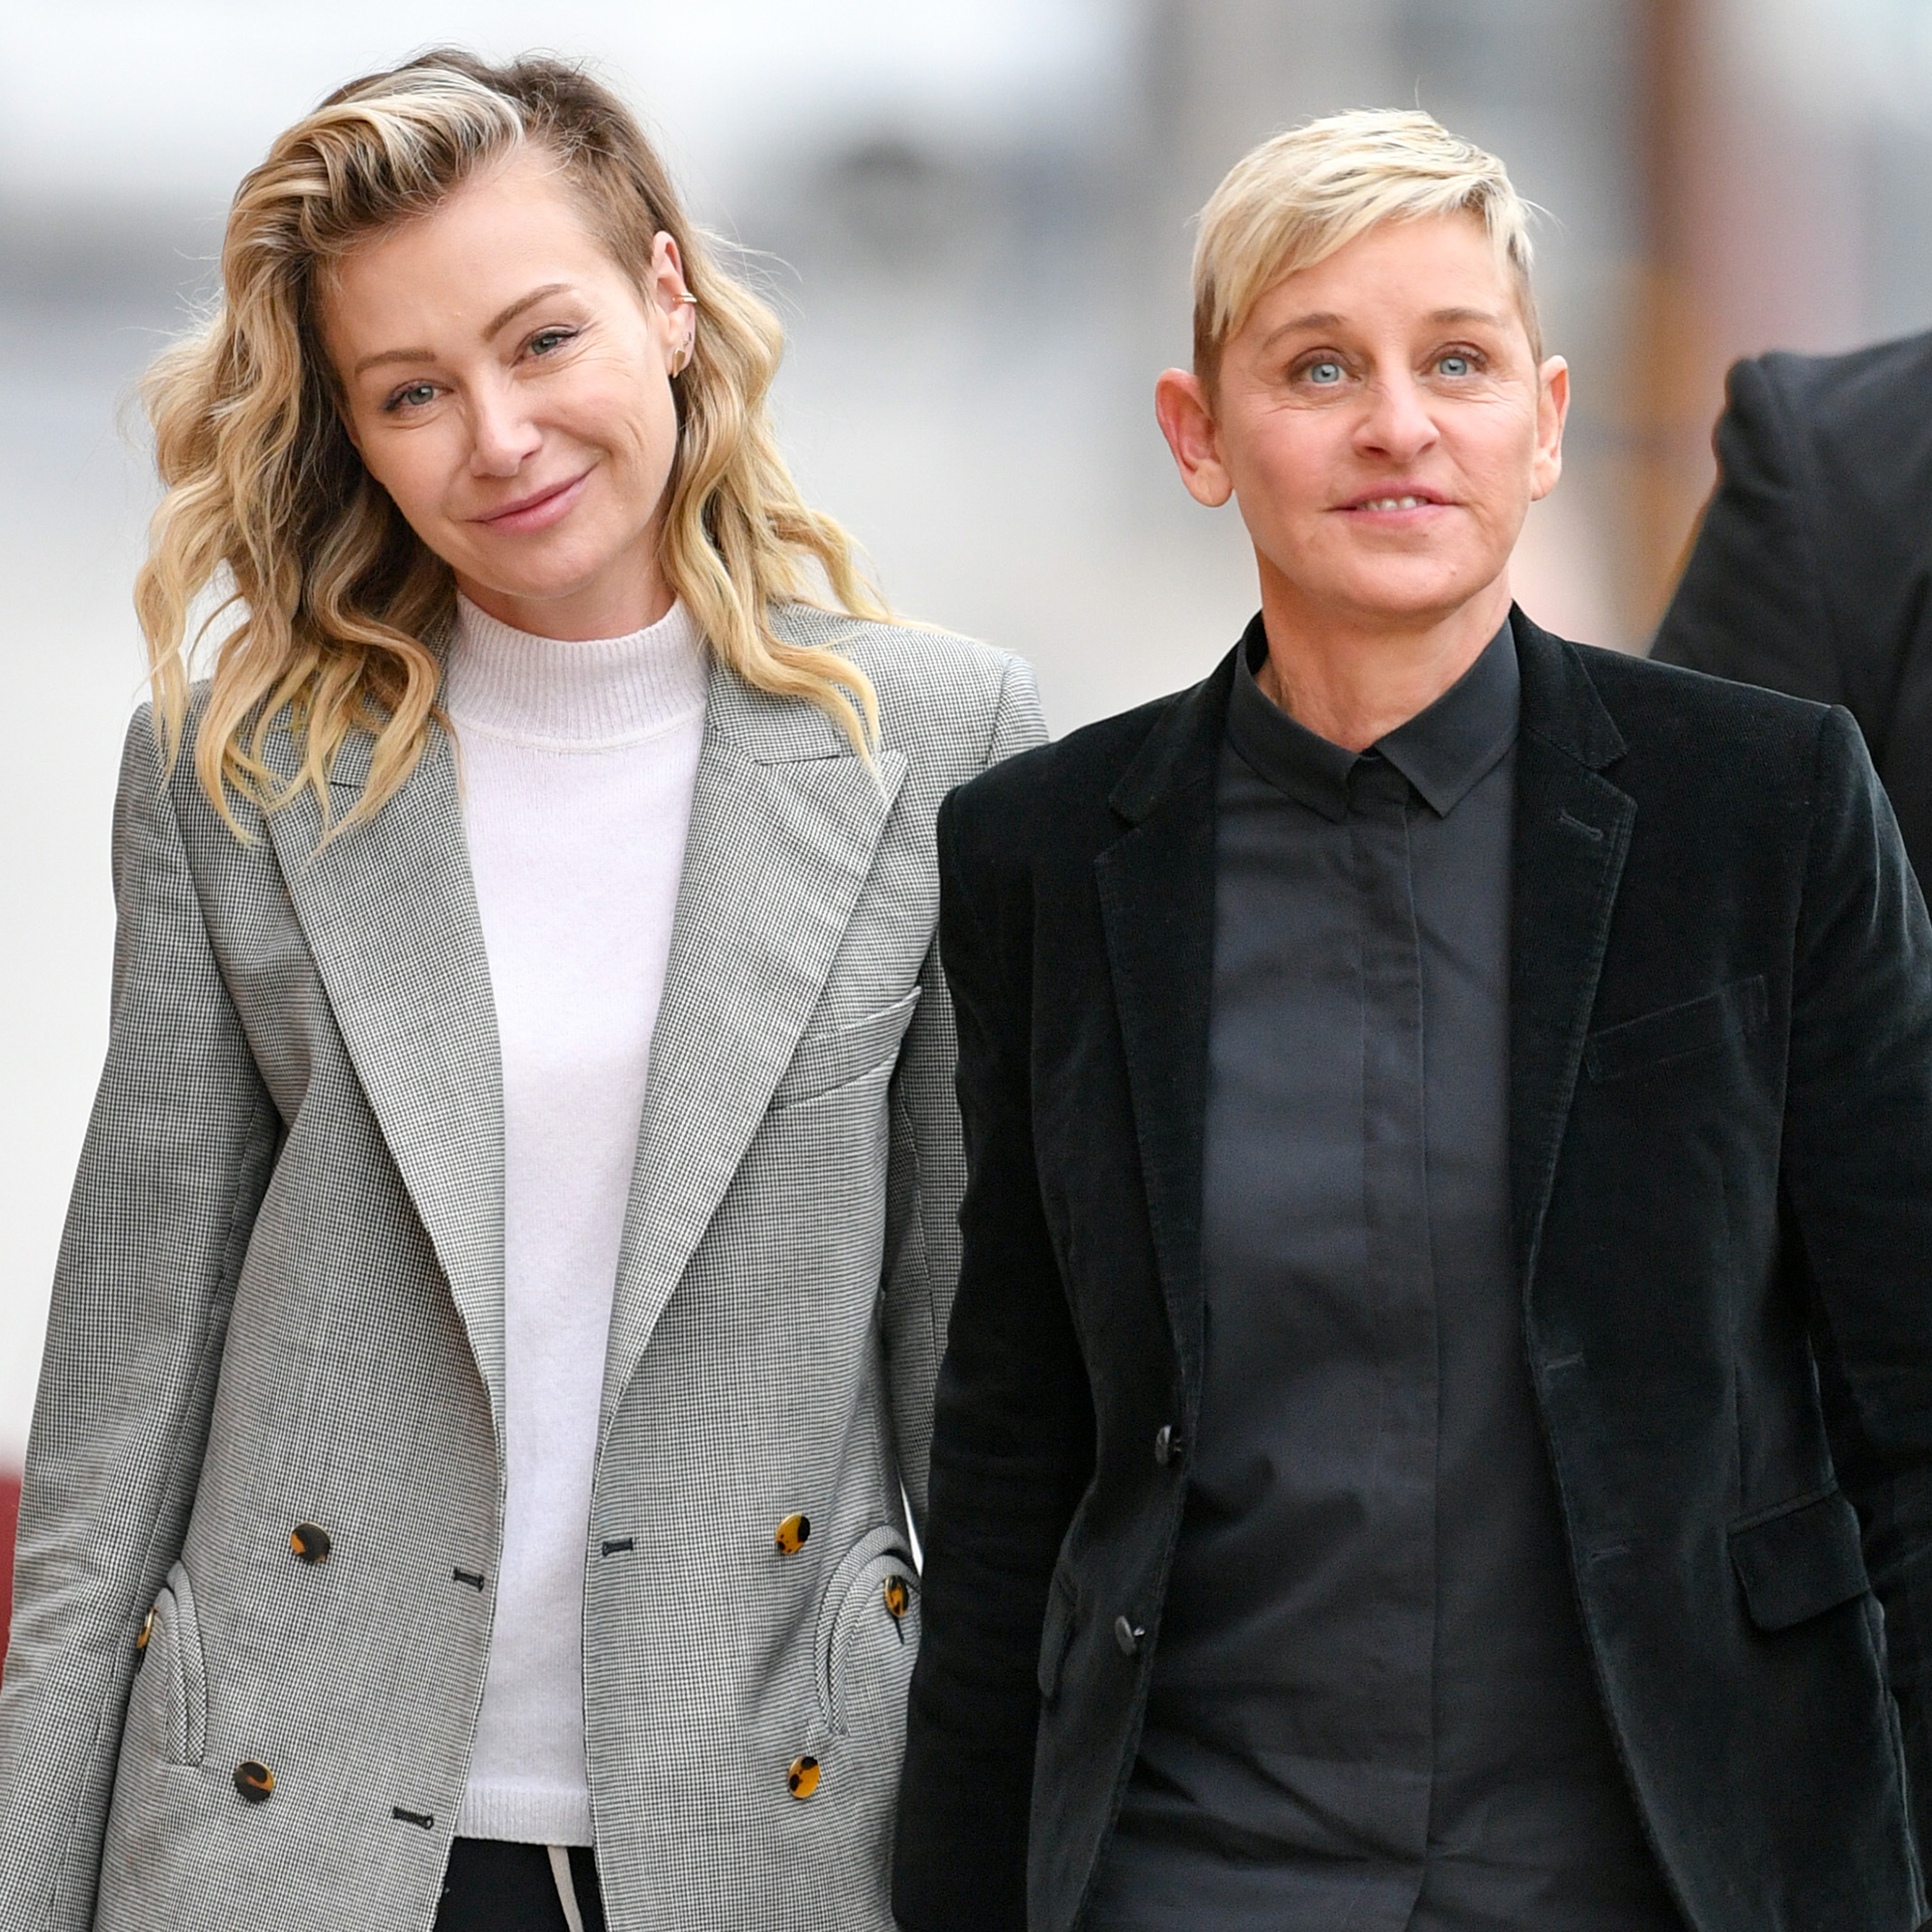 Ellen DeGeneres' Mom Betty DeGeneres Says Her Daughter Won't Have a Baby With Wife Portia de Rossi - Ellen DeGeneres with Portia de Rossi.